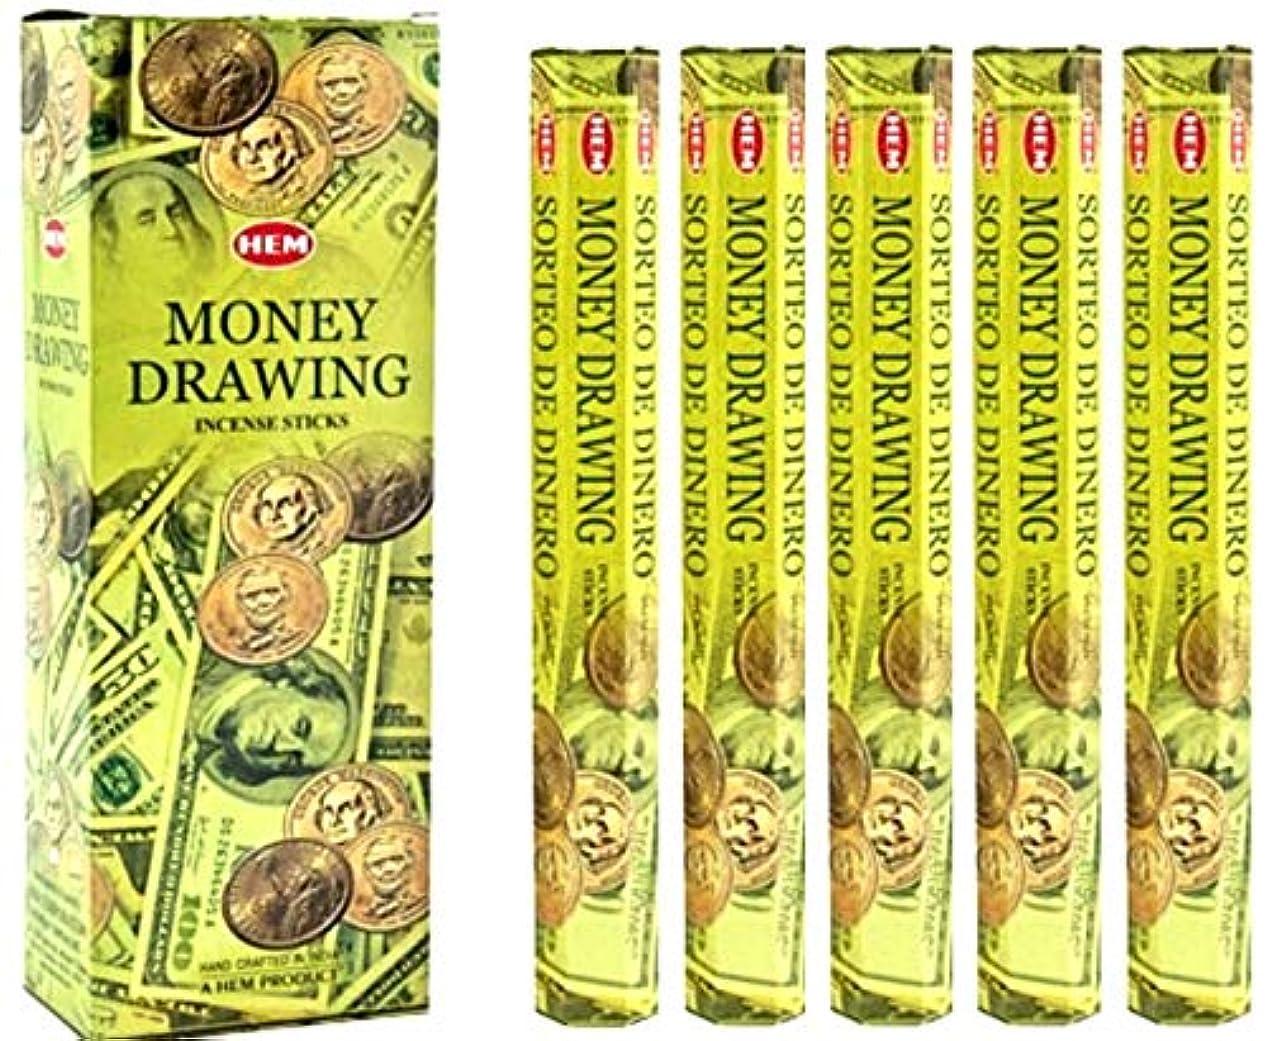 差し引く緩む趣味裾Money Drawing 100 Incense Sticks (5 x 20スティックパック)